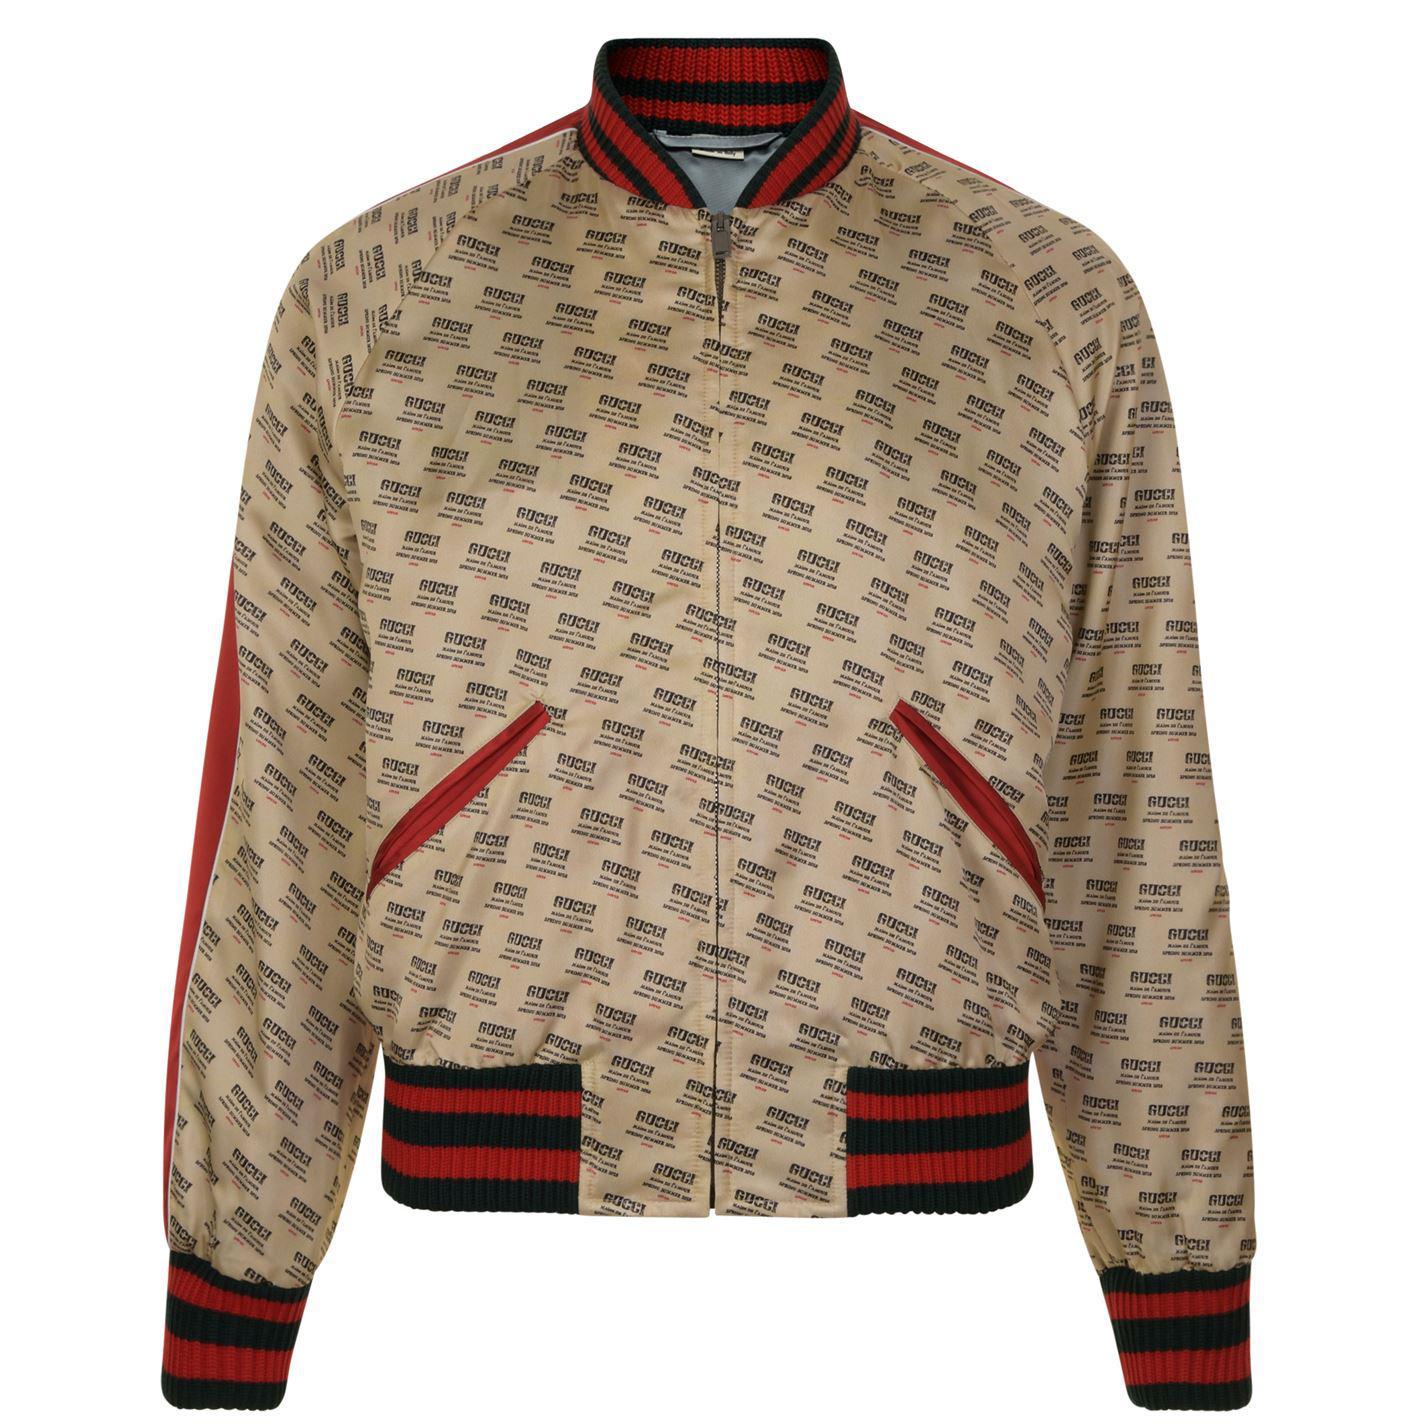 e9ba56c83 Gucci - White Baseball Stamp Print Bomber Jacket for Men - Lyst. View  fullscreen